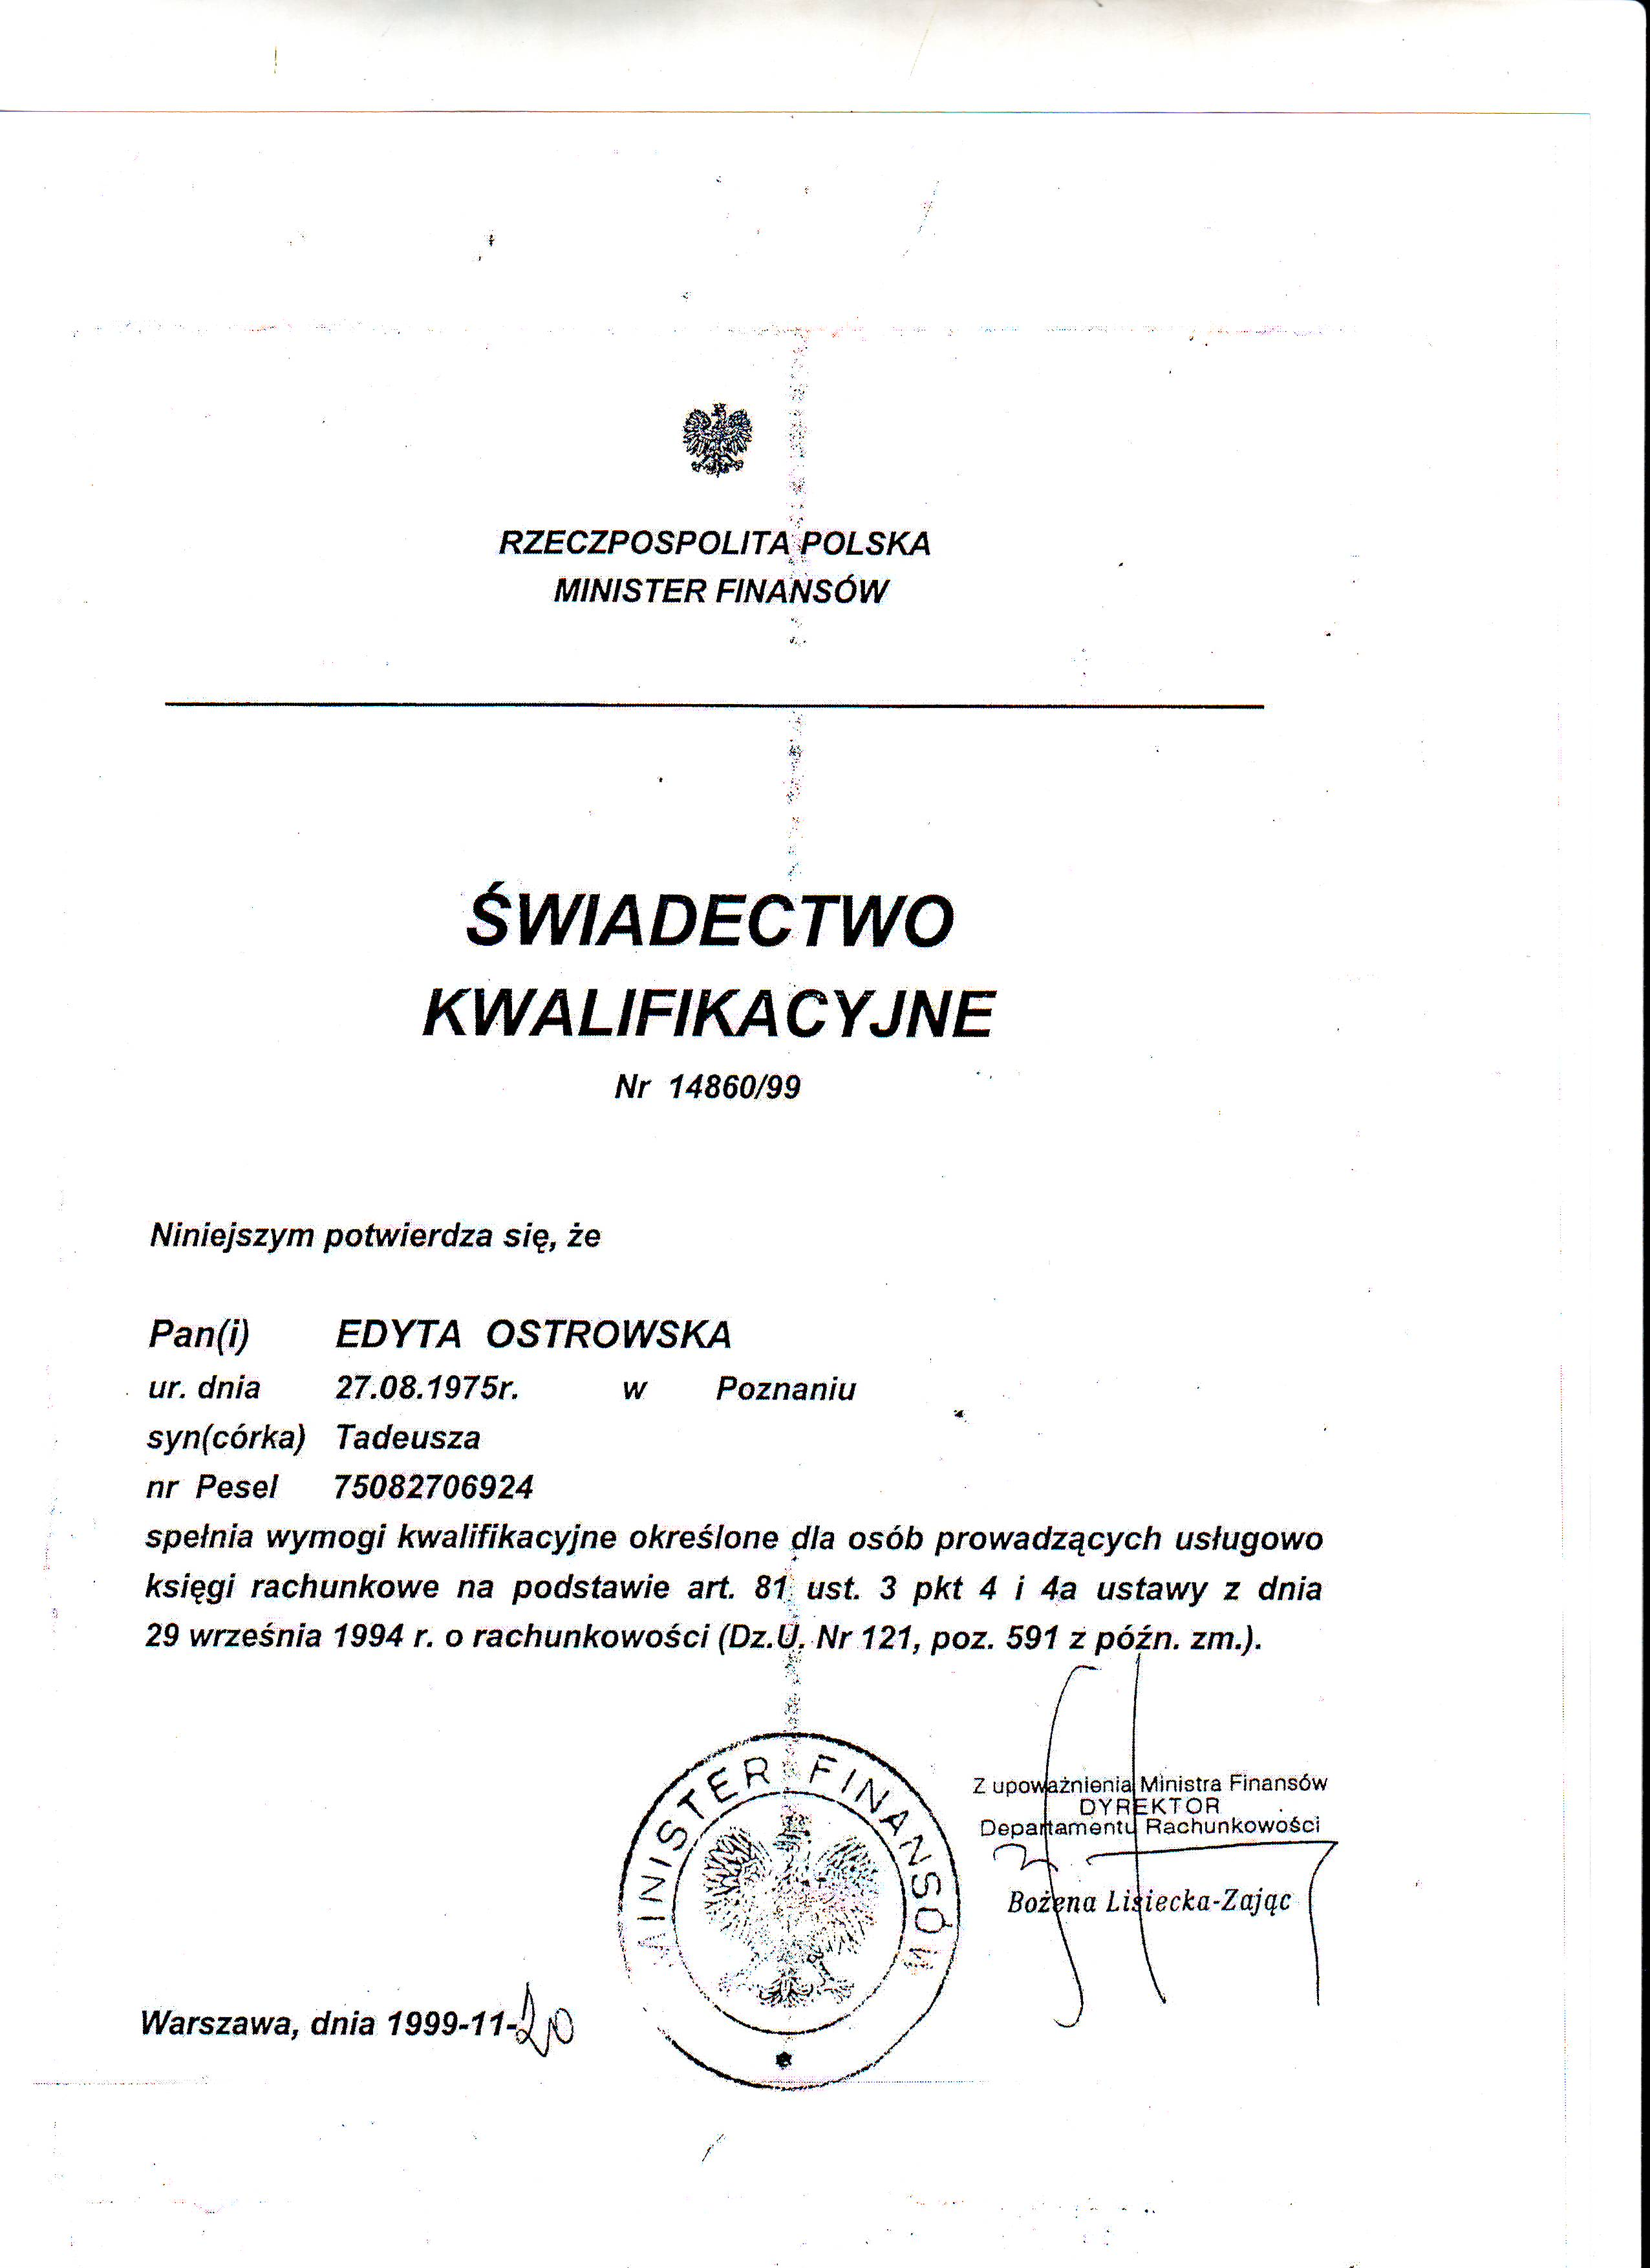 Certyfikat Con-Trust S.C. Teresa Ostrowska & Marek Ostrowski